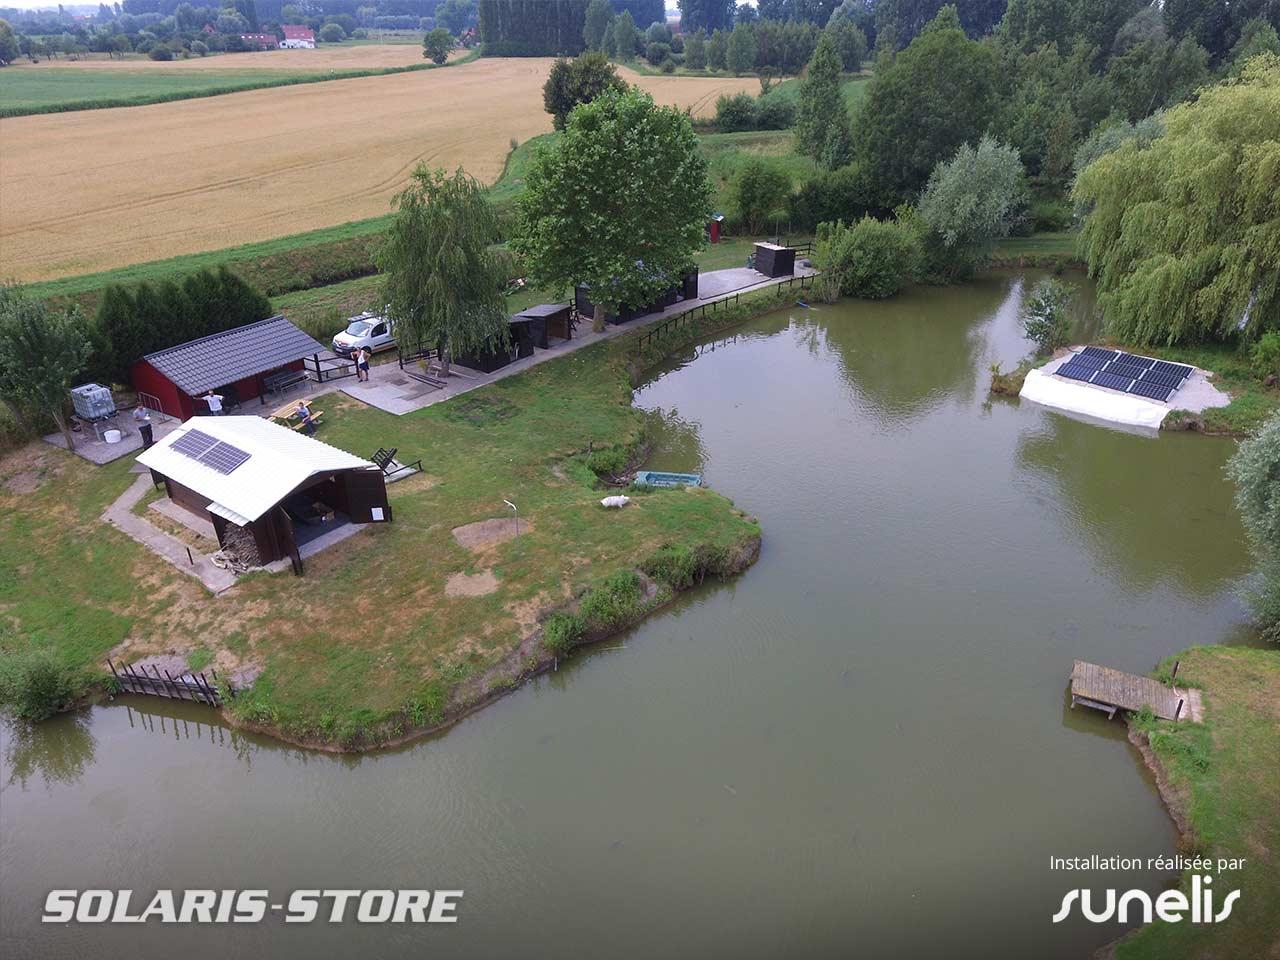 Nord (59) / Alimentation d'une cabane de pêche et d'une pompe immergée solaire près de Lille